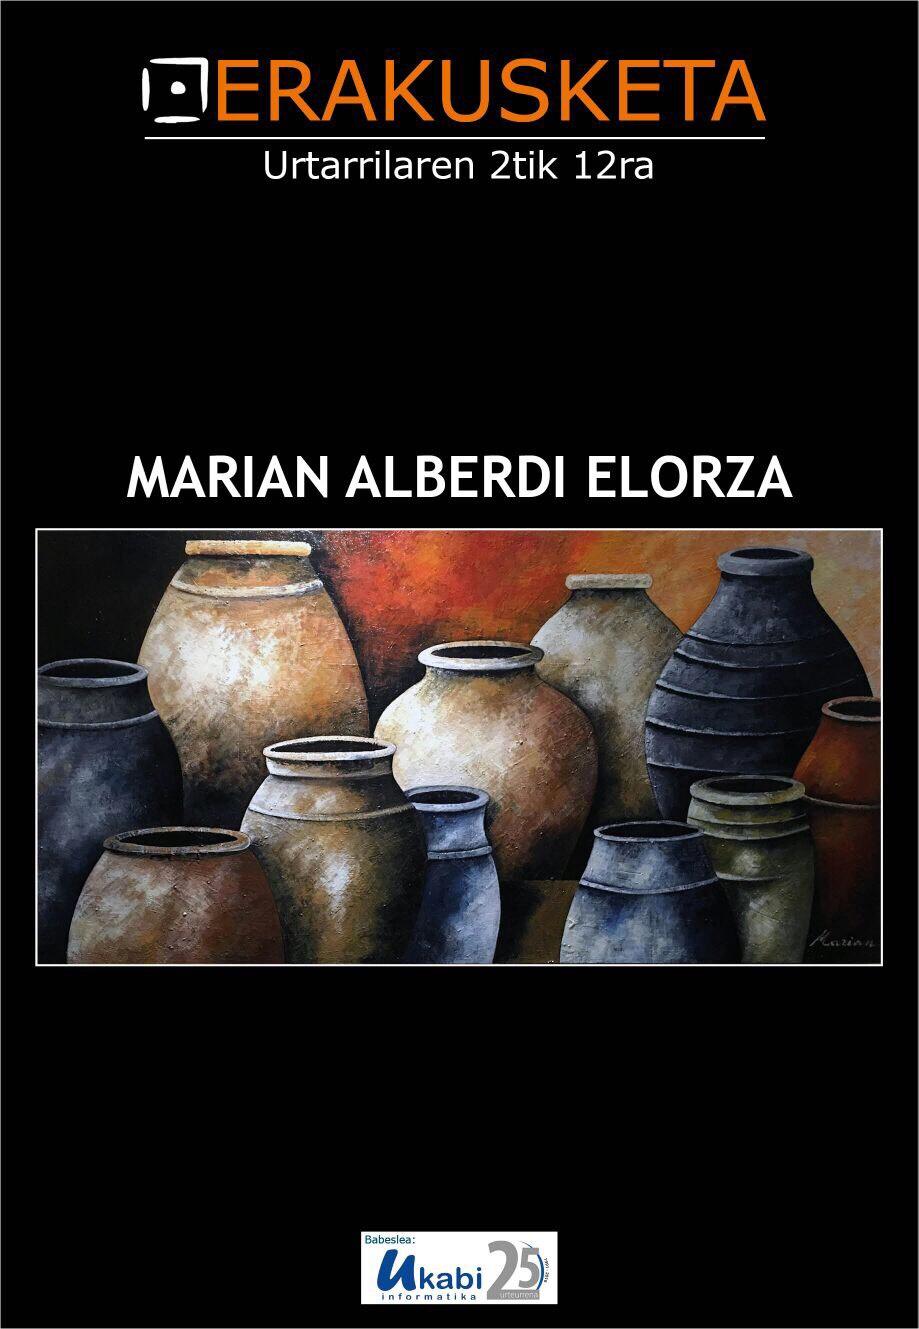 Marian Alberdi Elorza